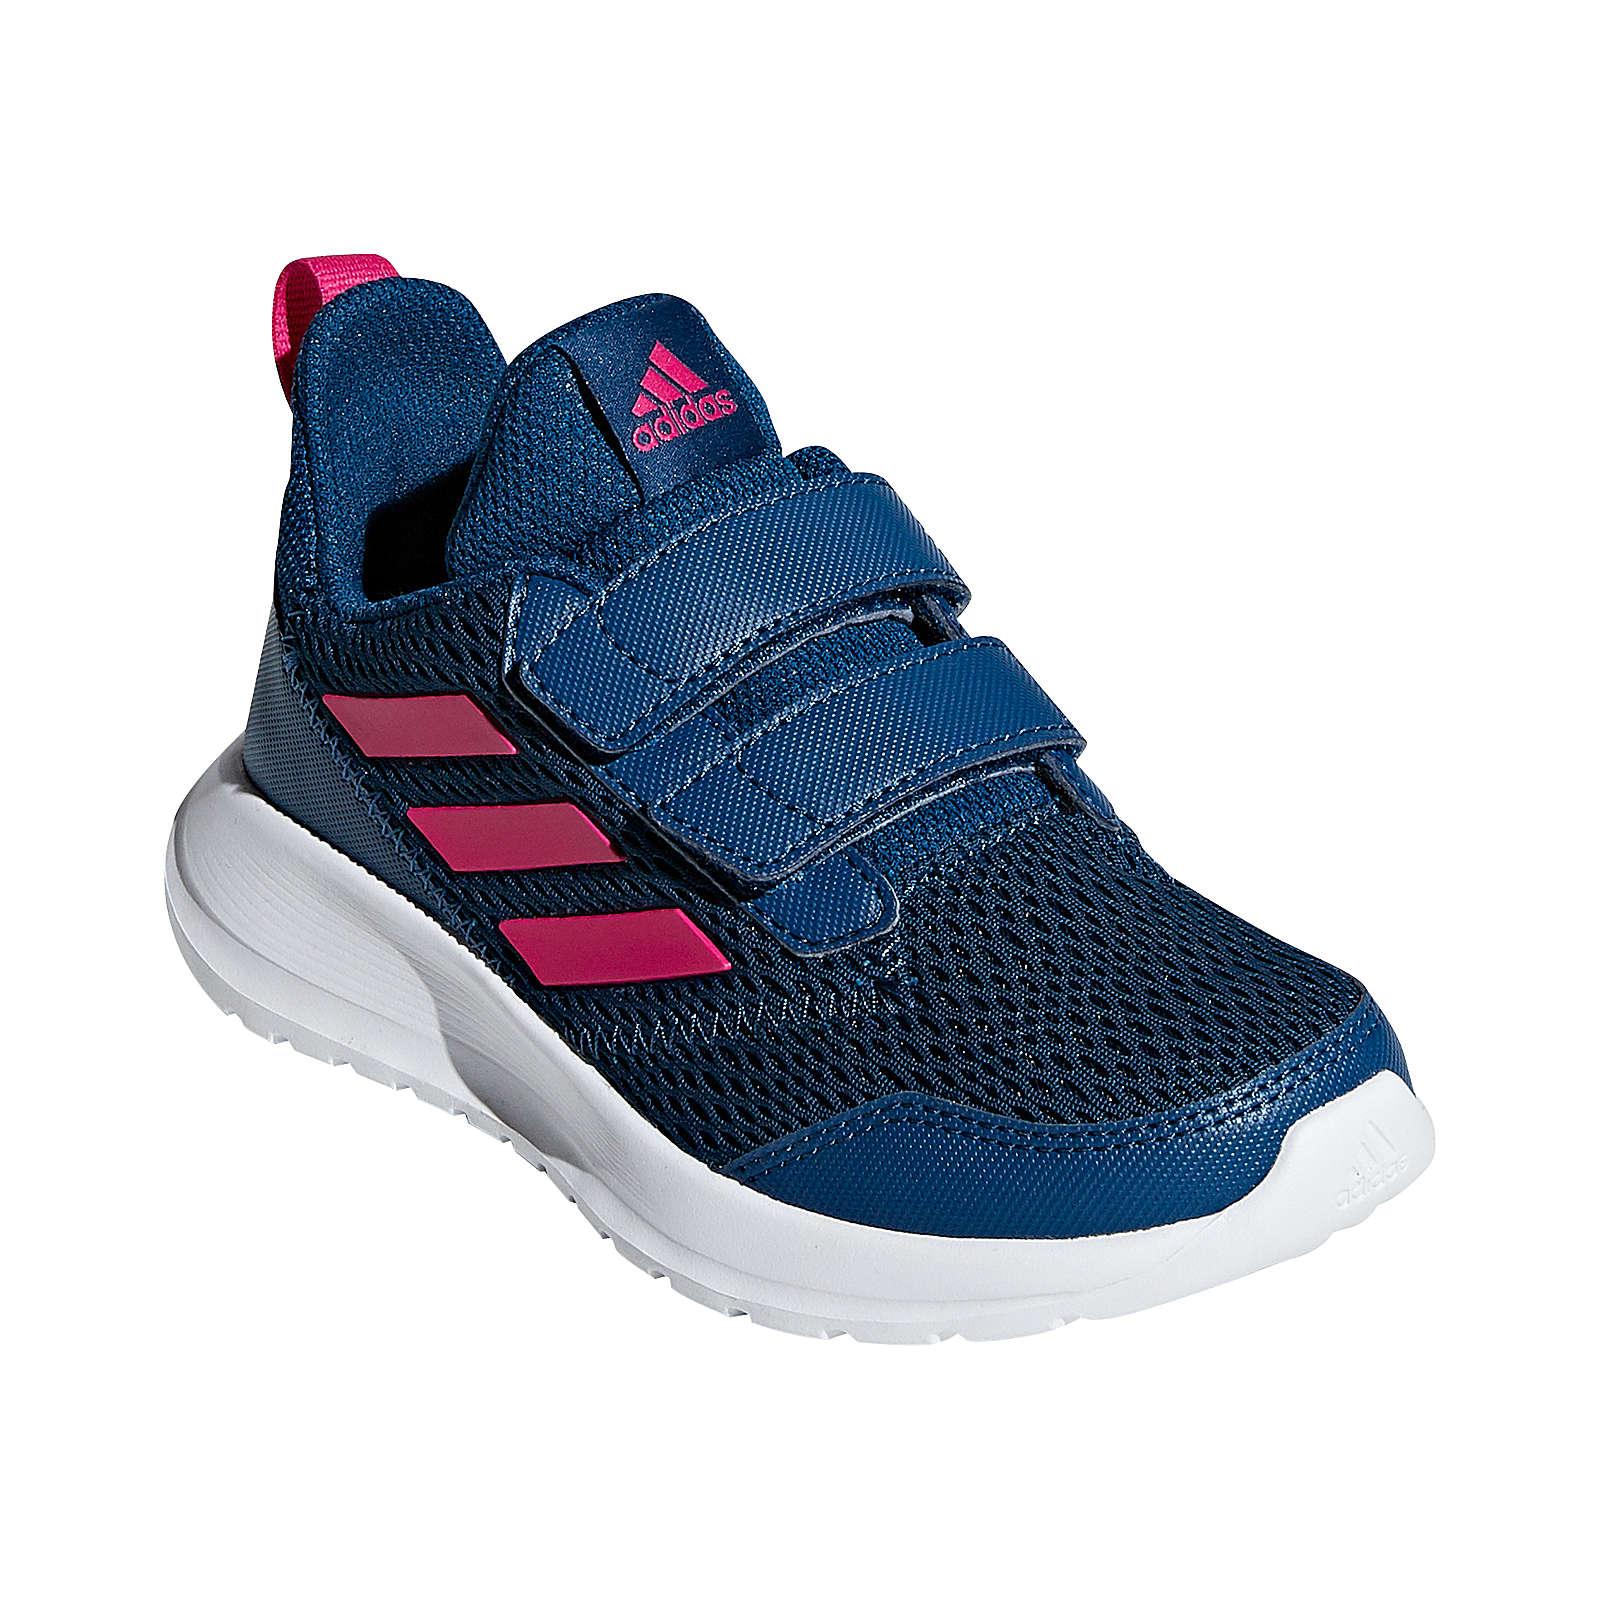 adidas Performance Sportschuhe ALTA RUN CF K für Mädchen dunkelblau Mädchen Gr. 37 1/3